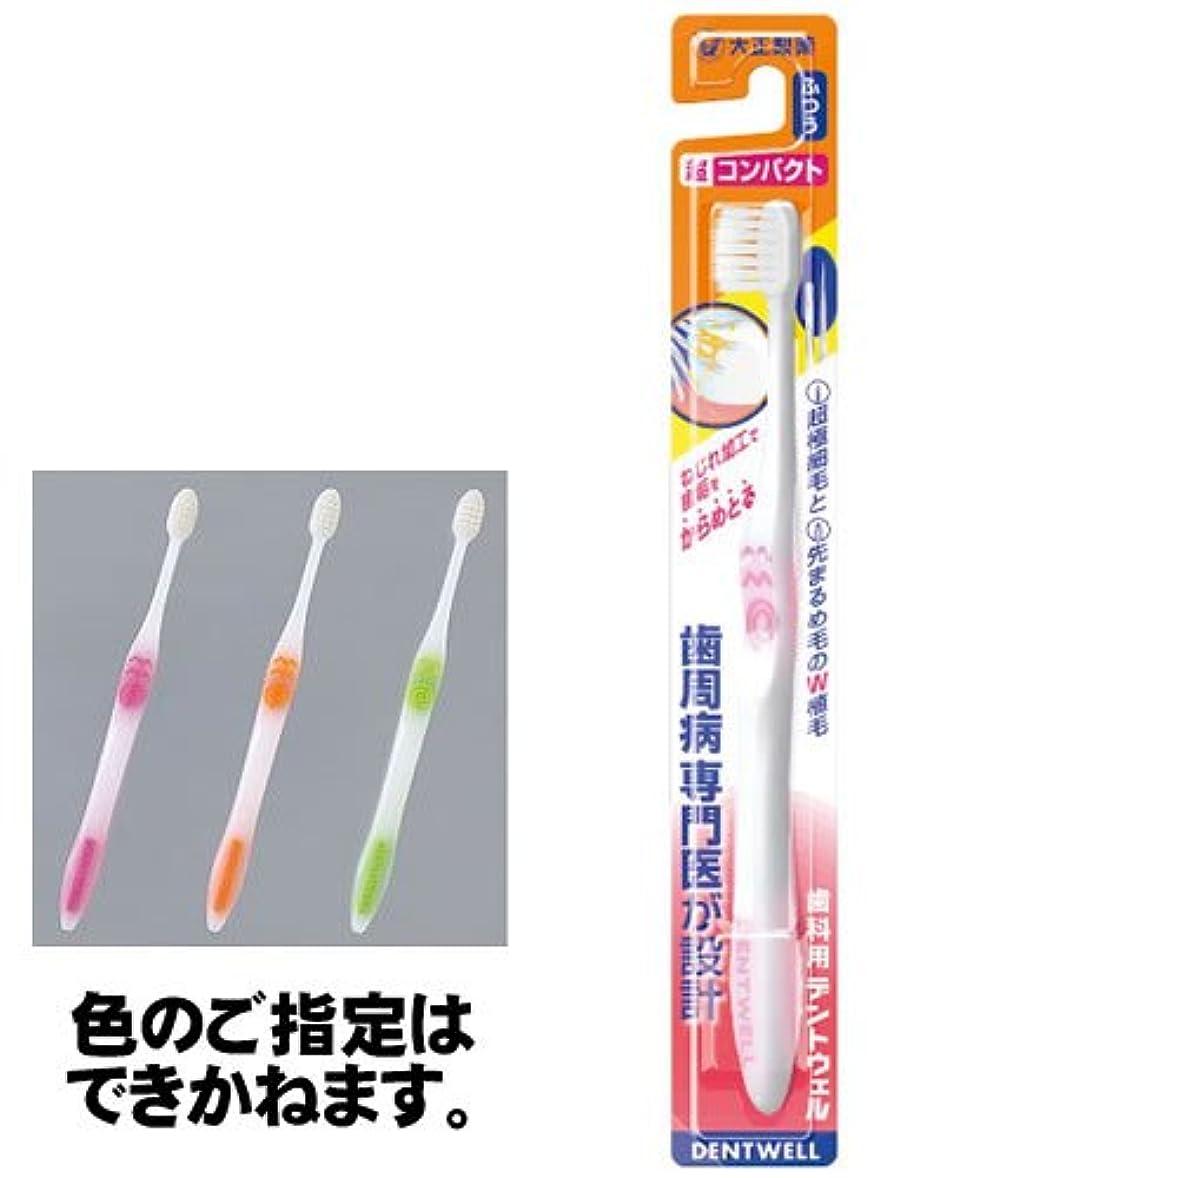 うぬぼれたケープ抵抗力がある〔大正製薬〕歯科用デントウェル 歯ブラシ 超コンパクト ふつう×12本セット